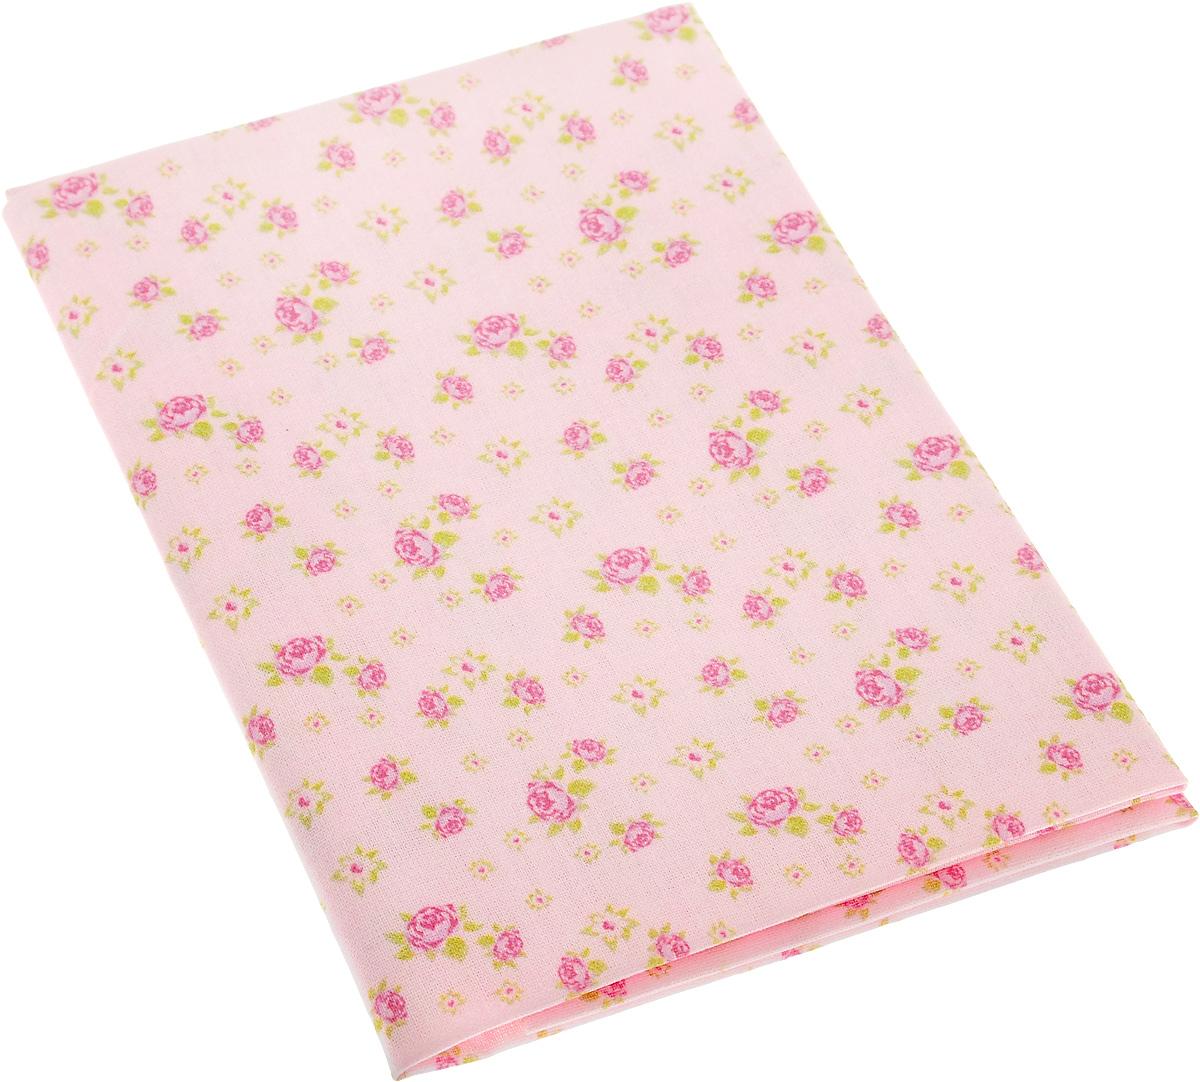 """Ткань Артмикс """"Розы в стиле шебби шик"""",  изготовленная из 100% хлопка, предназначена для  пошива одеял, покрывал, сумок, аппликаций и  прочих изделий в технике пэчворк. Также подходит  для пошива кукол,  аксессуаров и одежды.   Пэчворк - это вид рукоделия, при котором по  принципу мозаики сшивается  цельное изделие из кусочков ткани (лоскутков).   Плотность ткани: 120 г/м2.  УВАЖАЕМЫЕ КЛИЕНТЫ! Обращаем ваше внимание, на тот факт, что размер  отреза может отличаться на 1-2 см."""